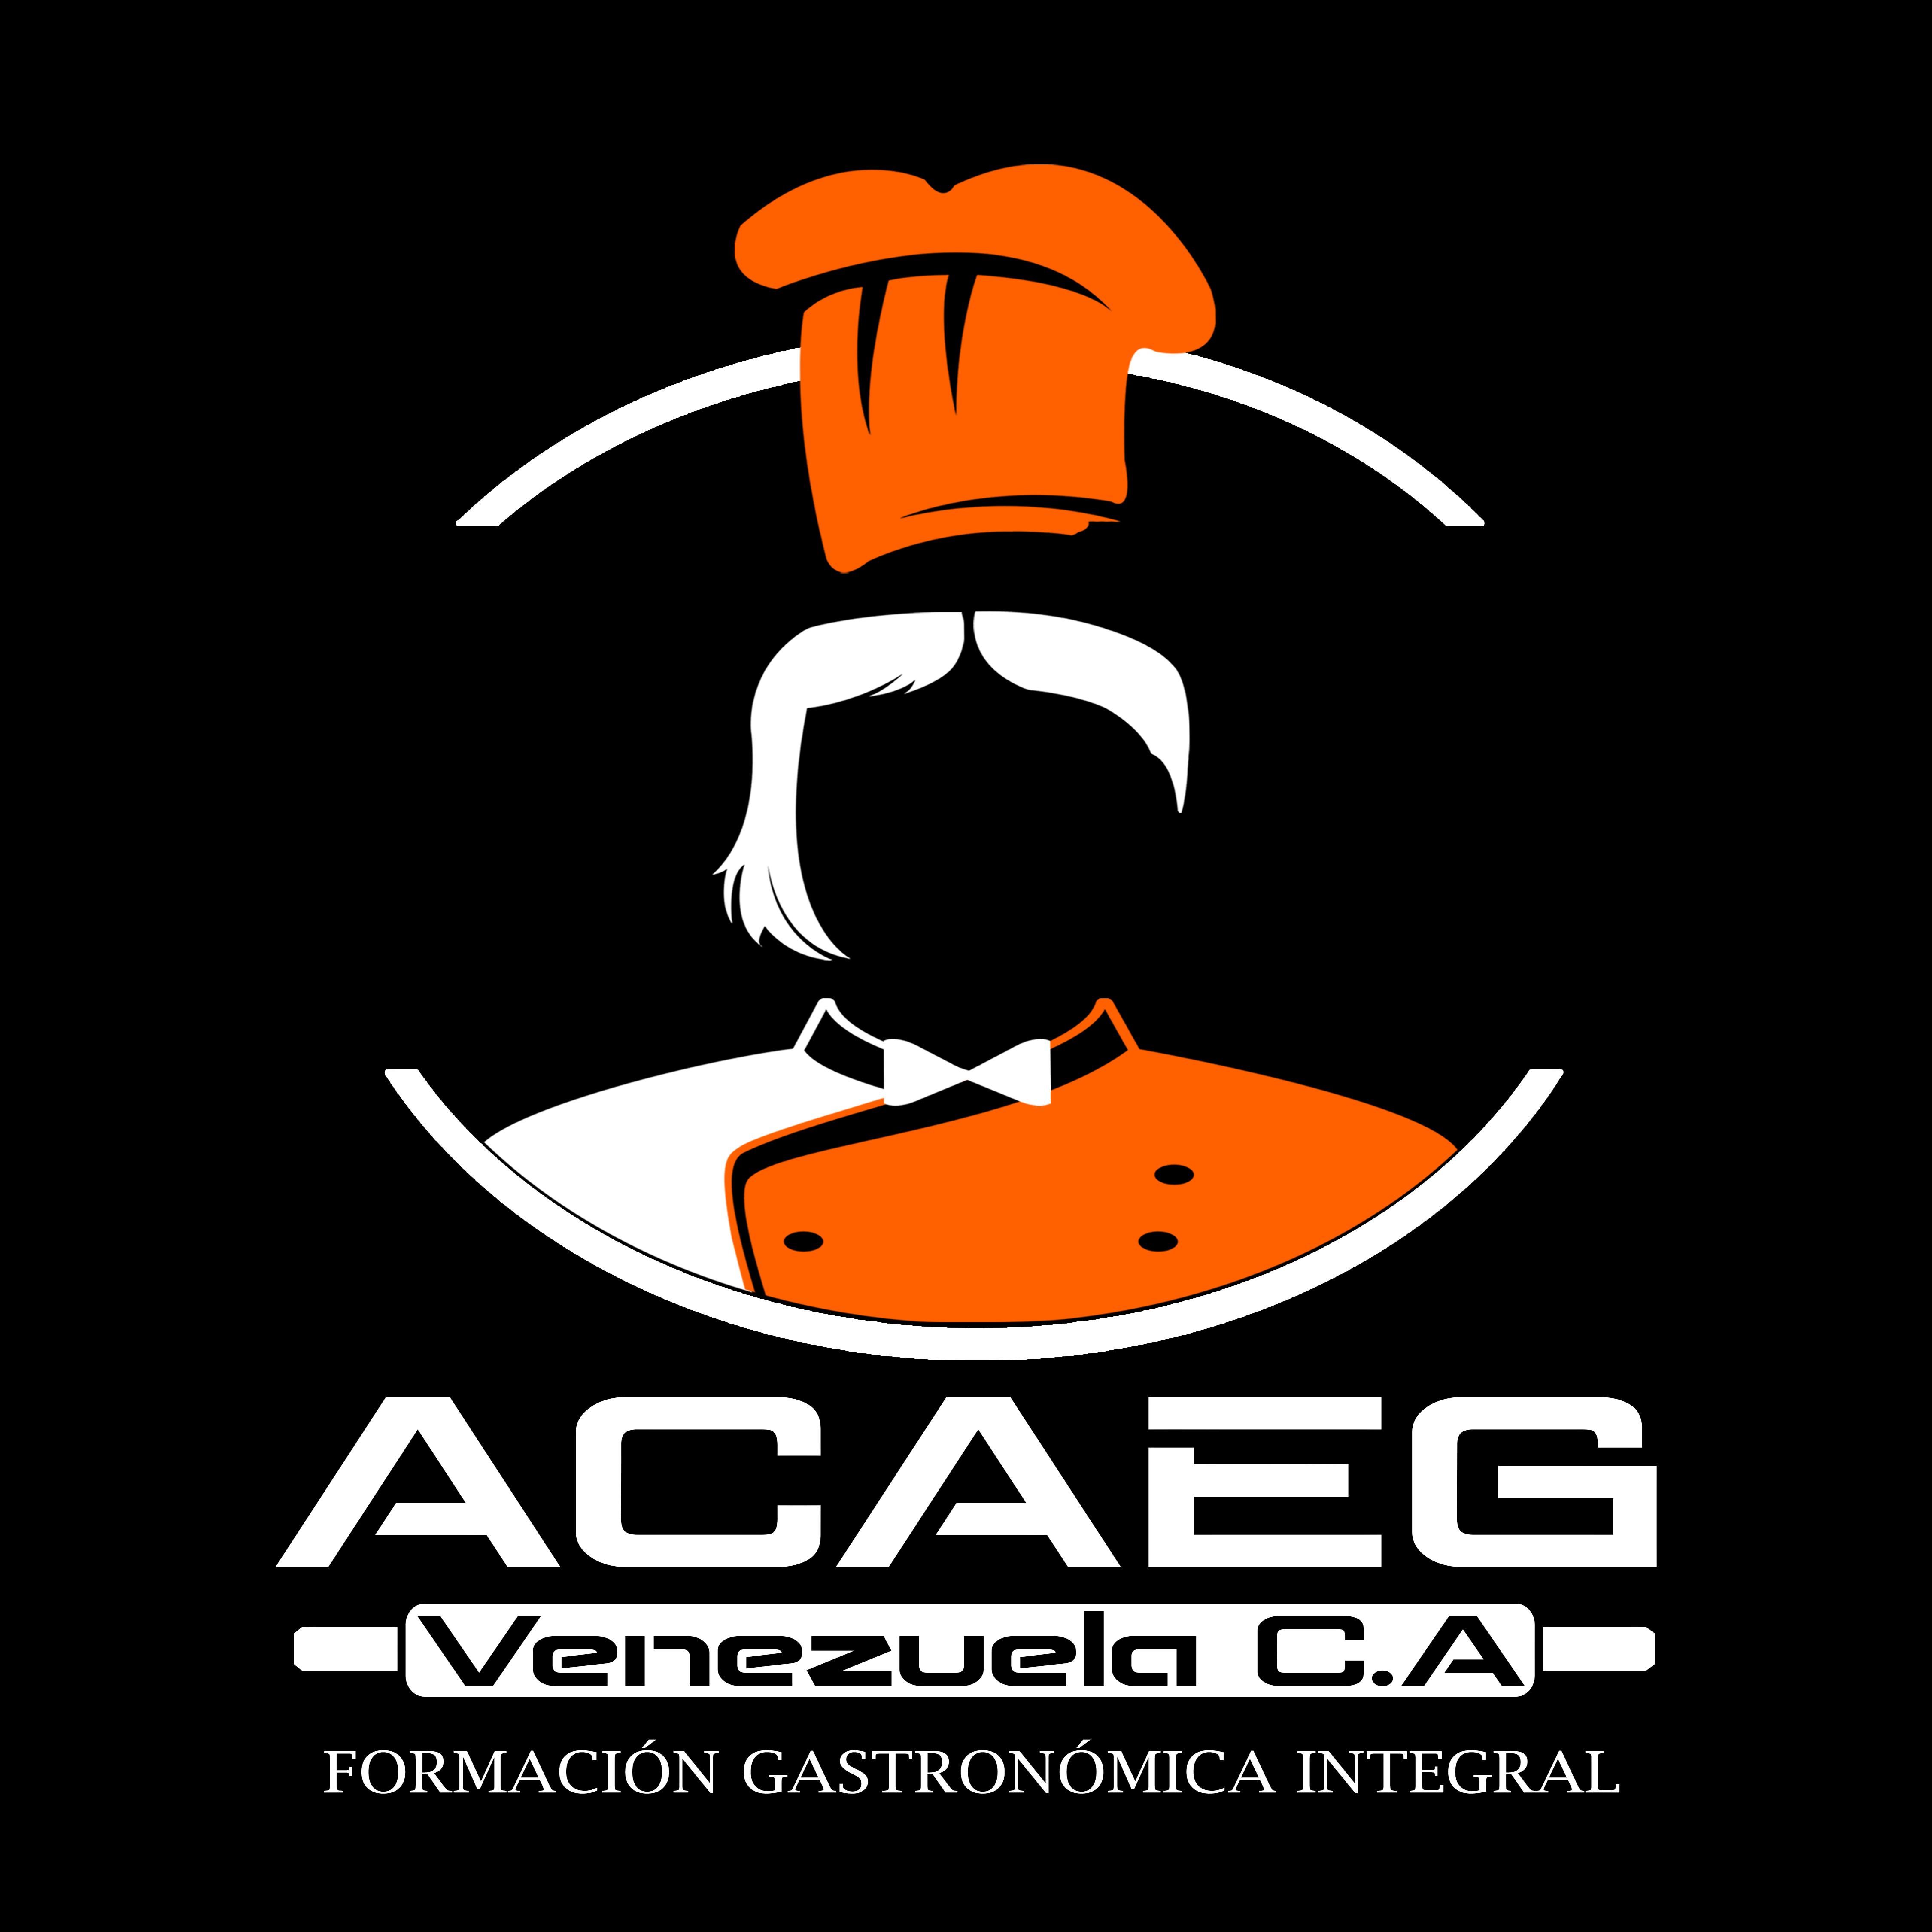 ACAEG Venezuela